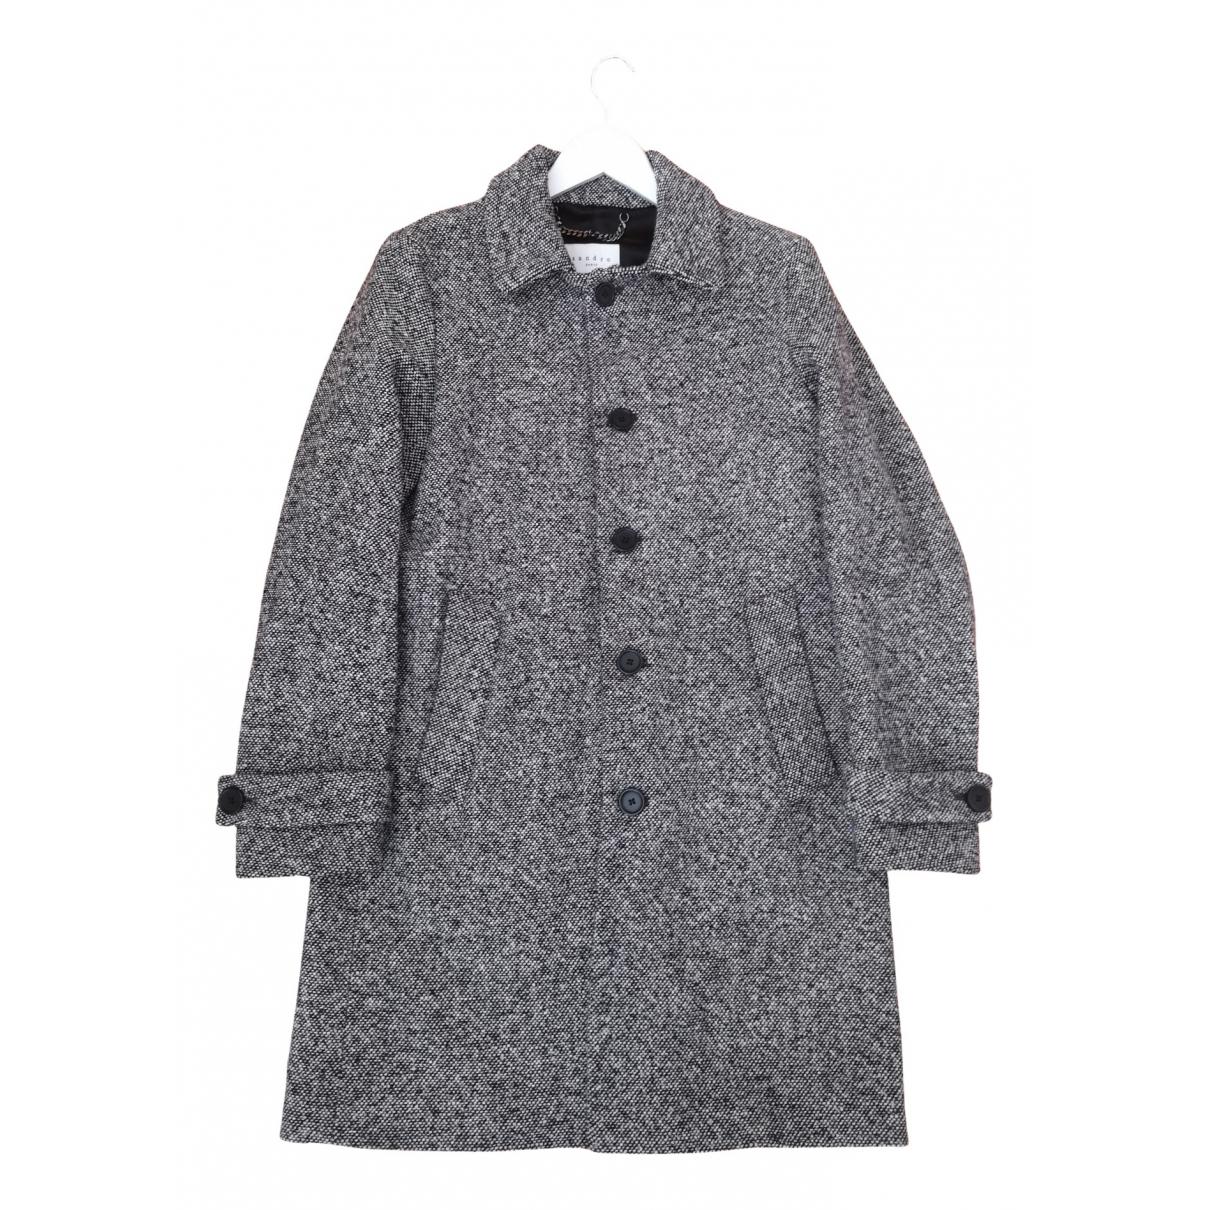 Sandro - Manteau   pour homme en toile - gris